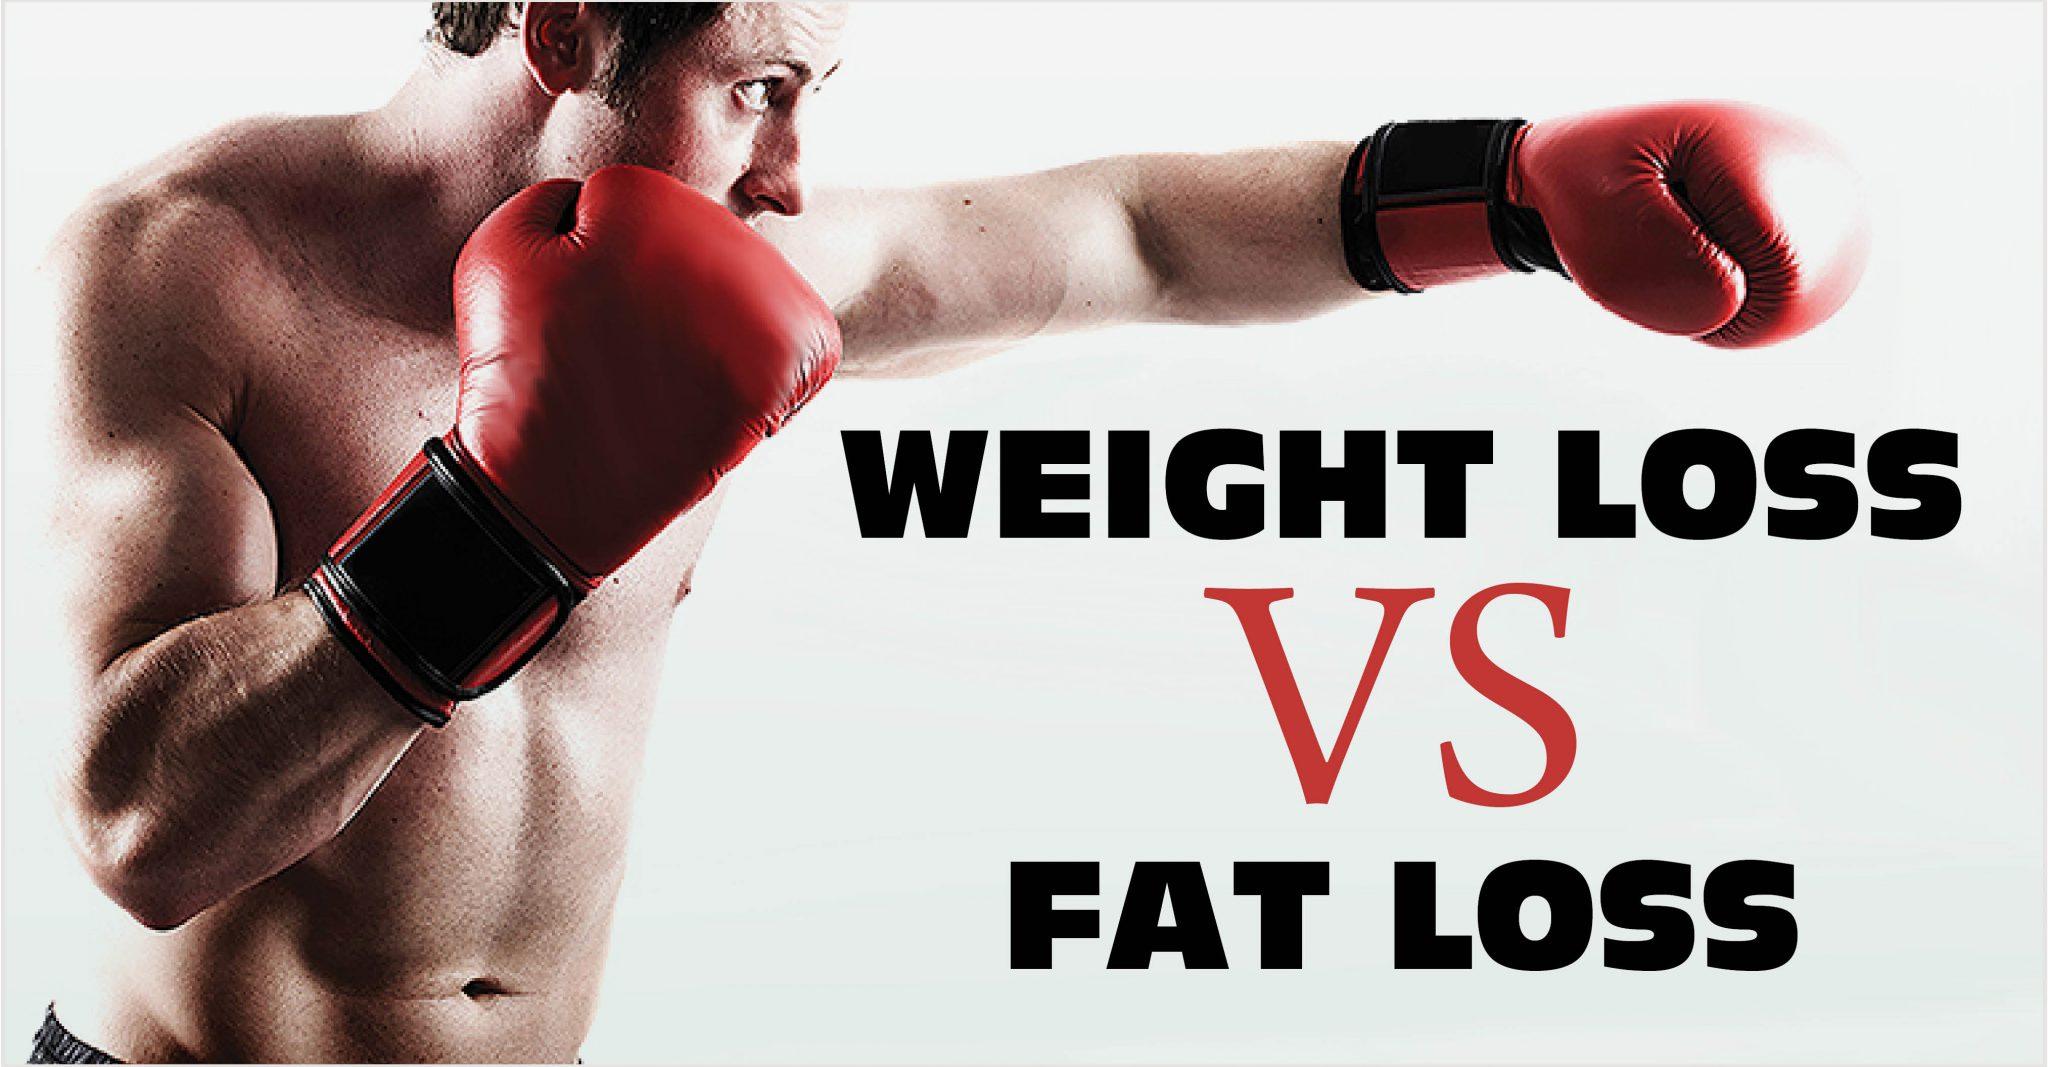 modalități sigure de a pierde grăsimea corporală am 44 de ani si nu pot slabi